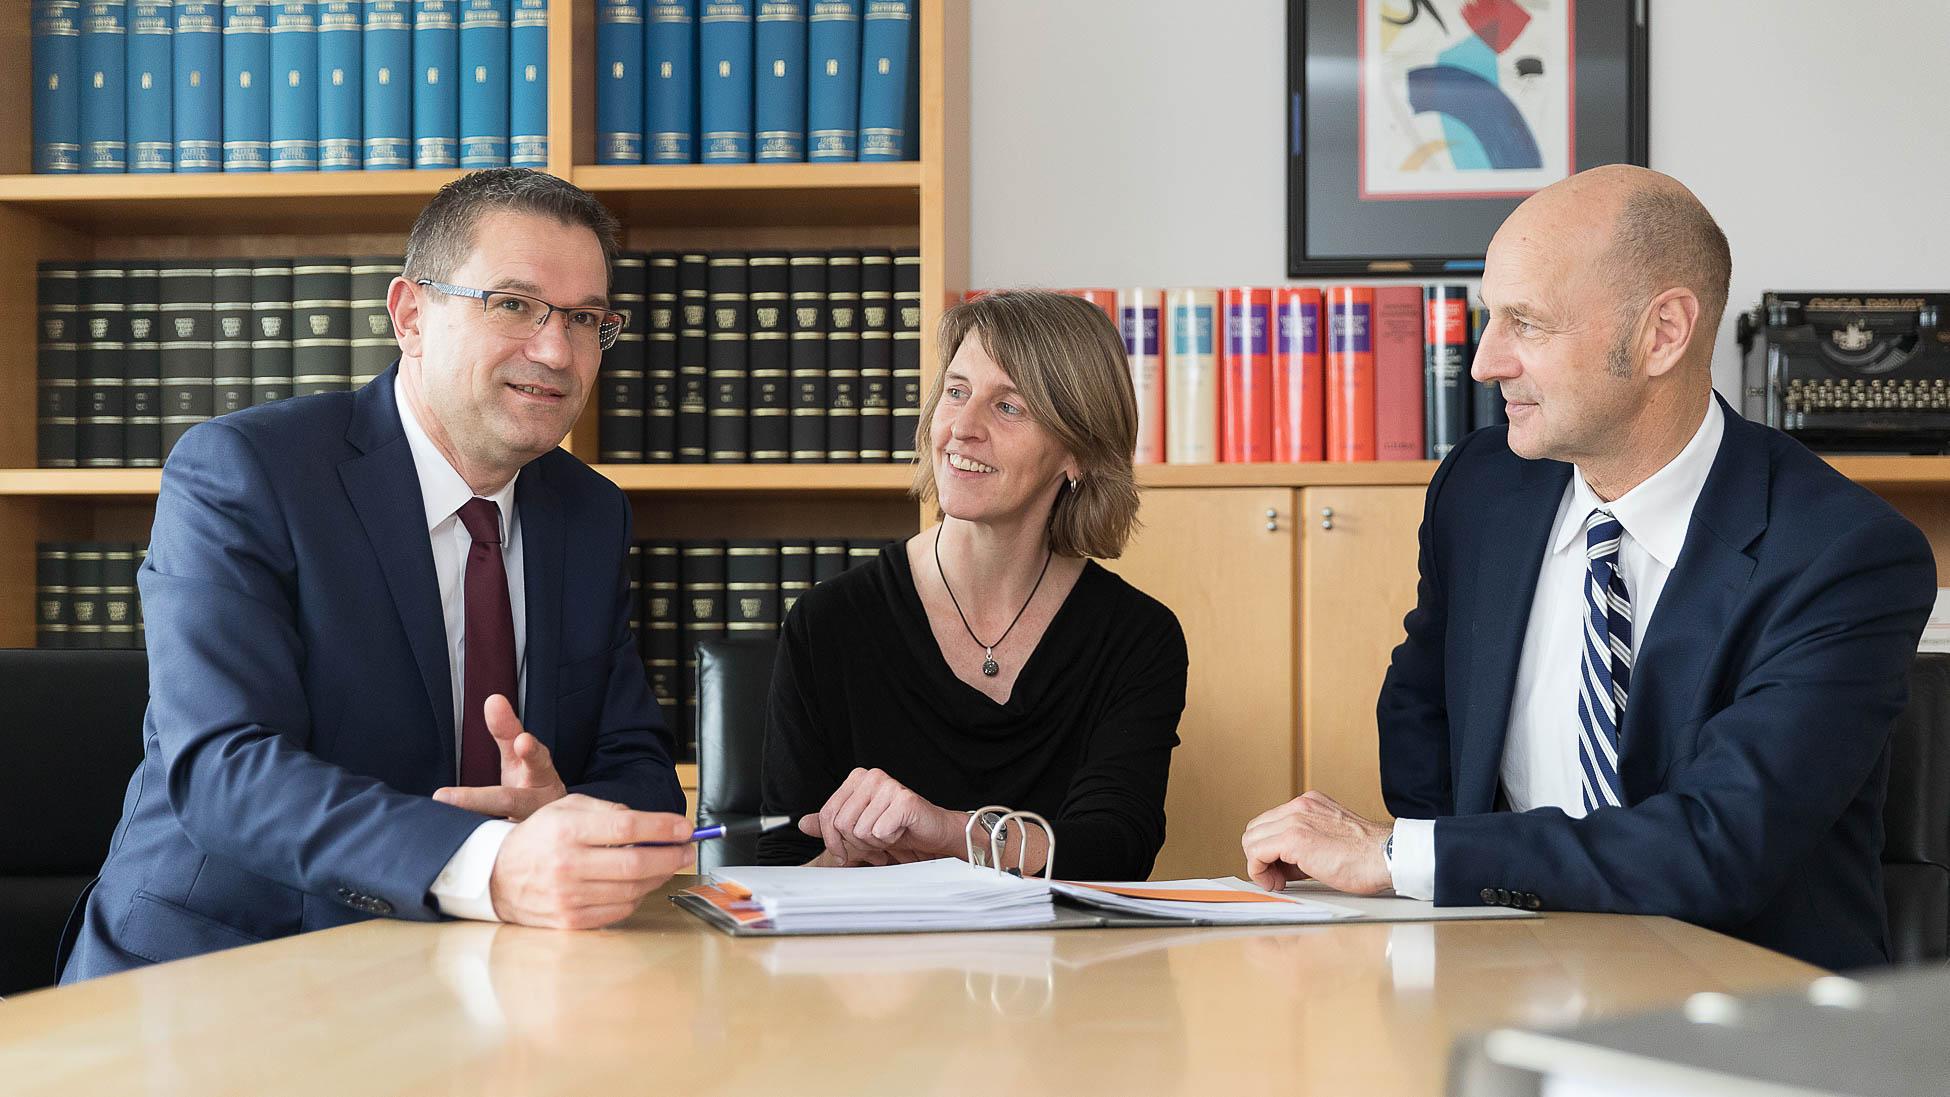 Konferenz Besprechung Kanzlei Zieglmeier und Stark Wirtschaftsprüfer und Steuerberater aus Ingolstadt